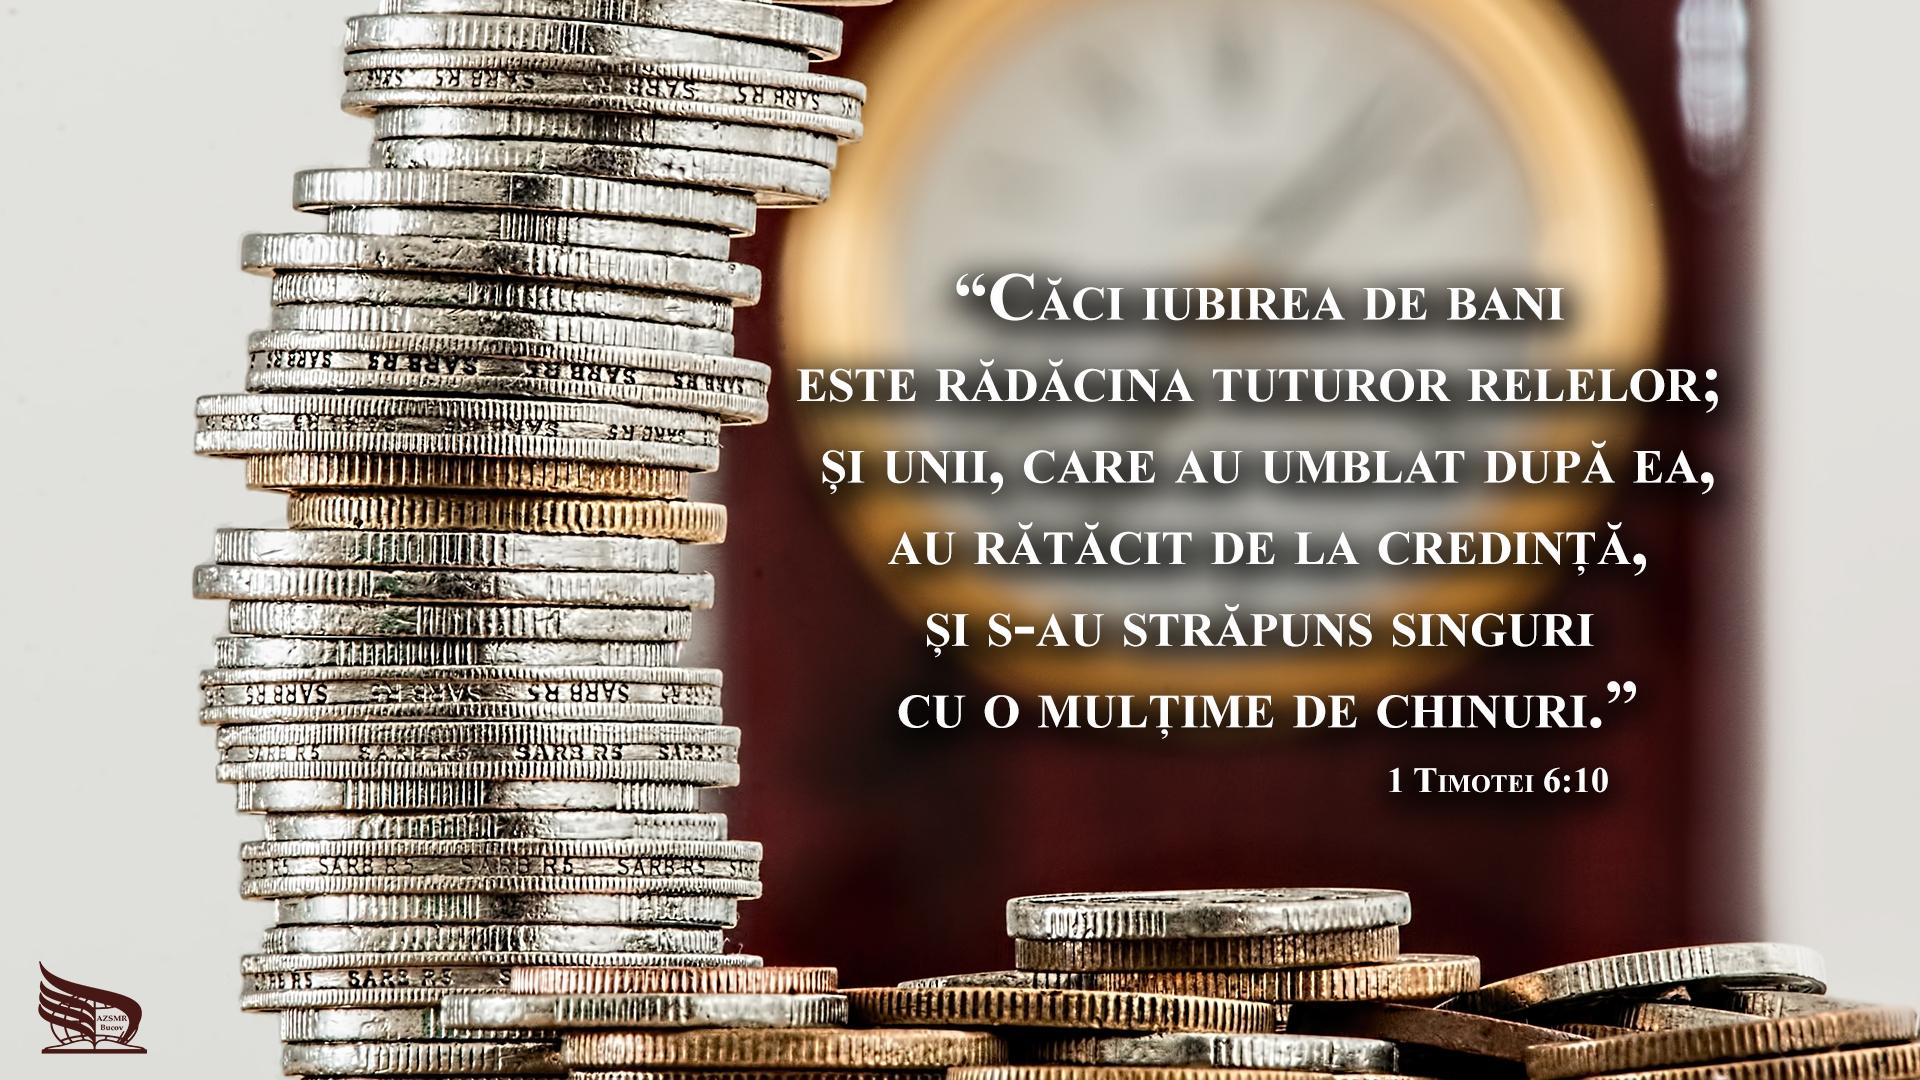 1 Timotei 6 10